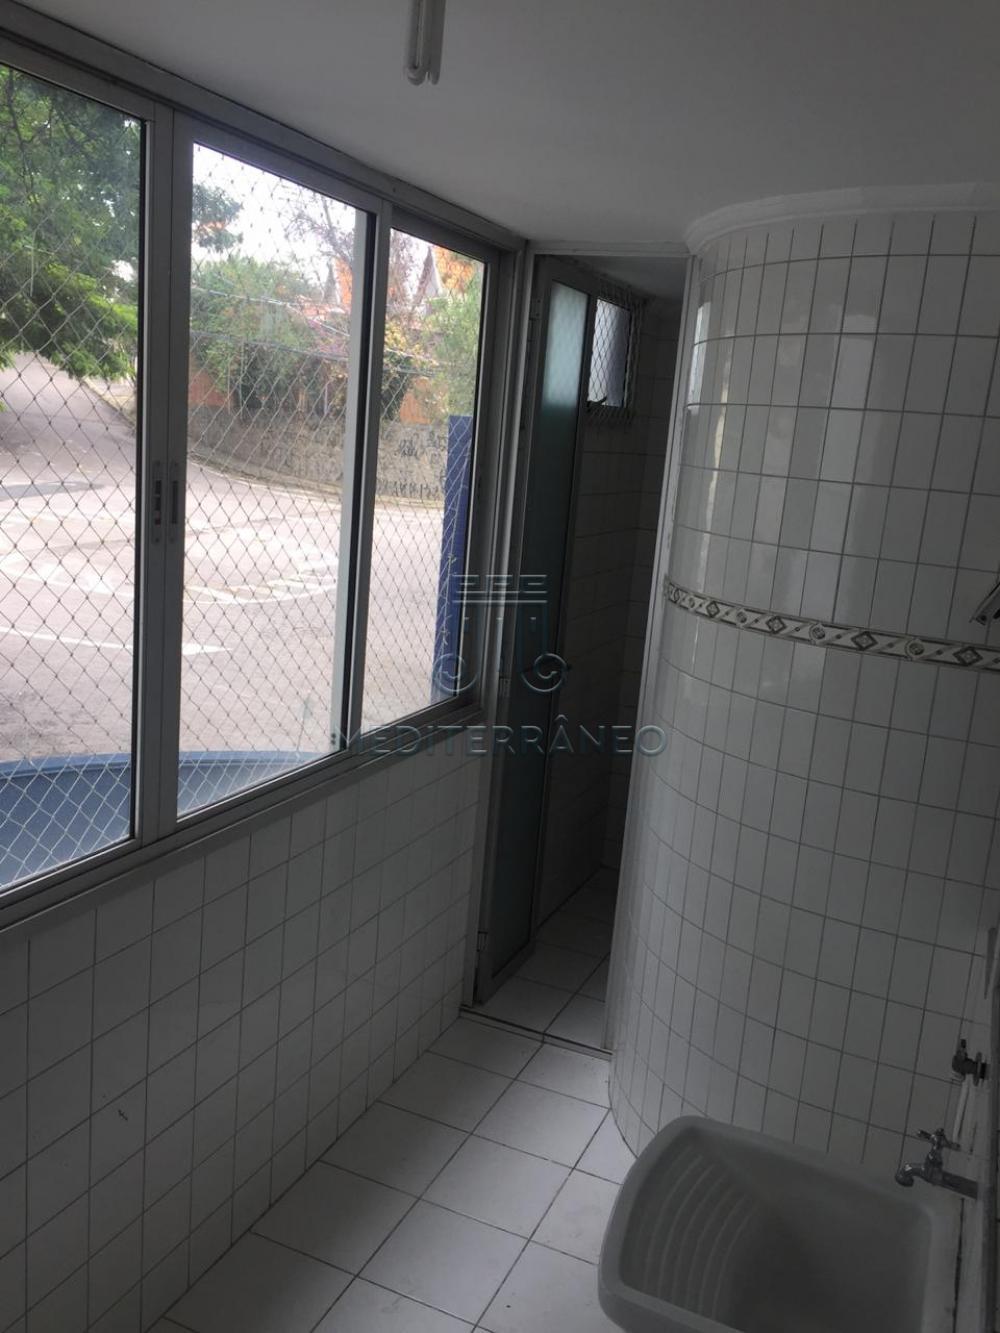 Alugar Apartamento / Padrão em Jundiaí apenas R$ 1.450,00 - Foto 13